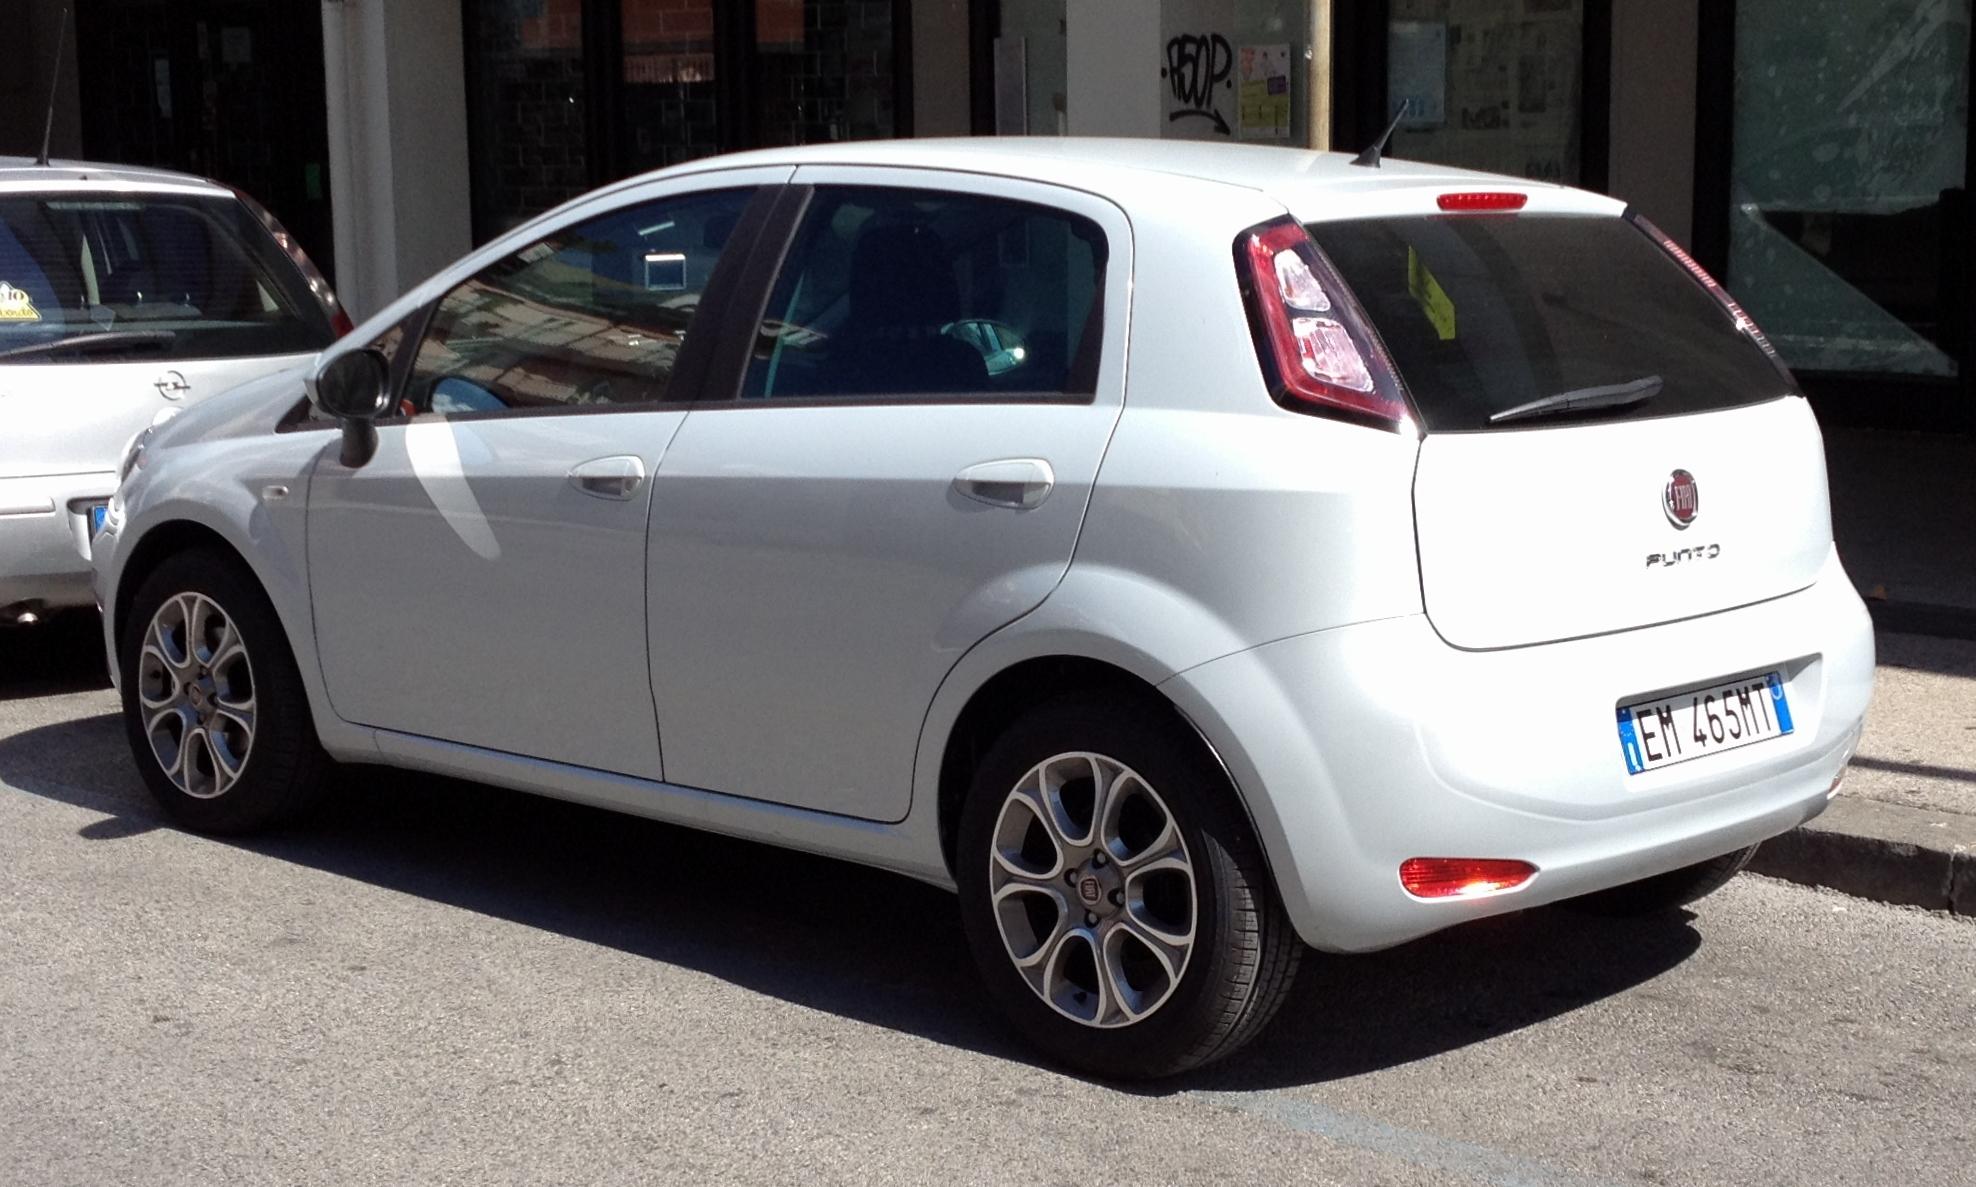 File:Fiat Punto 2012 5door rear.JPG - Wikimedia Commons